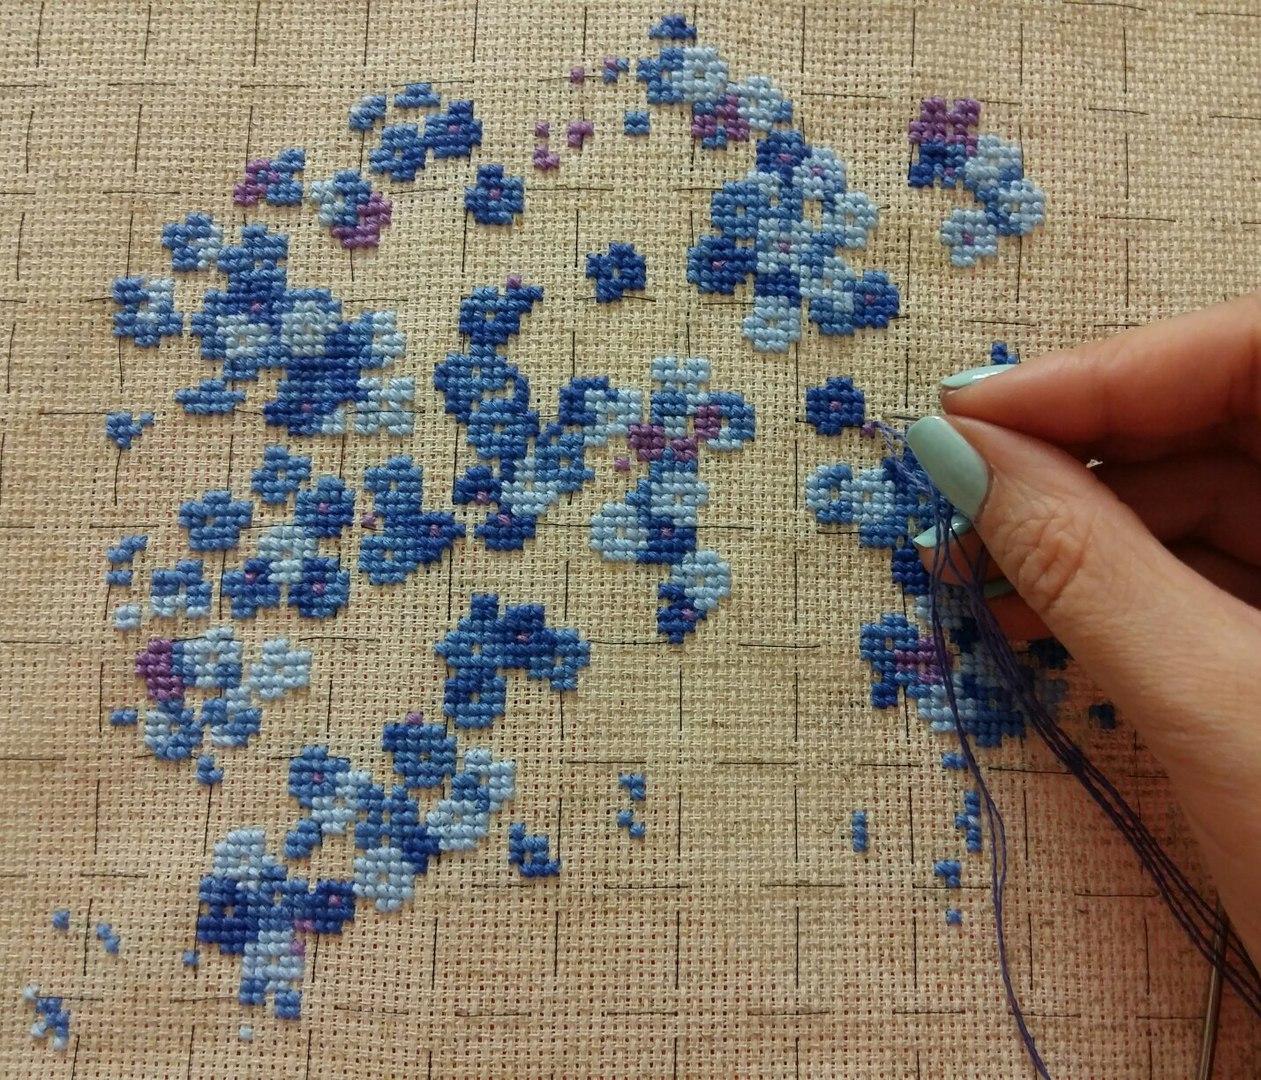 Инструкция по вышивке по фото 31